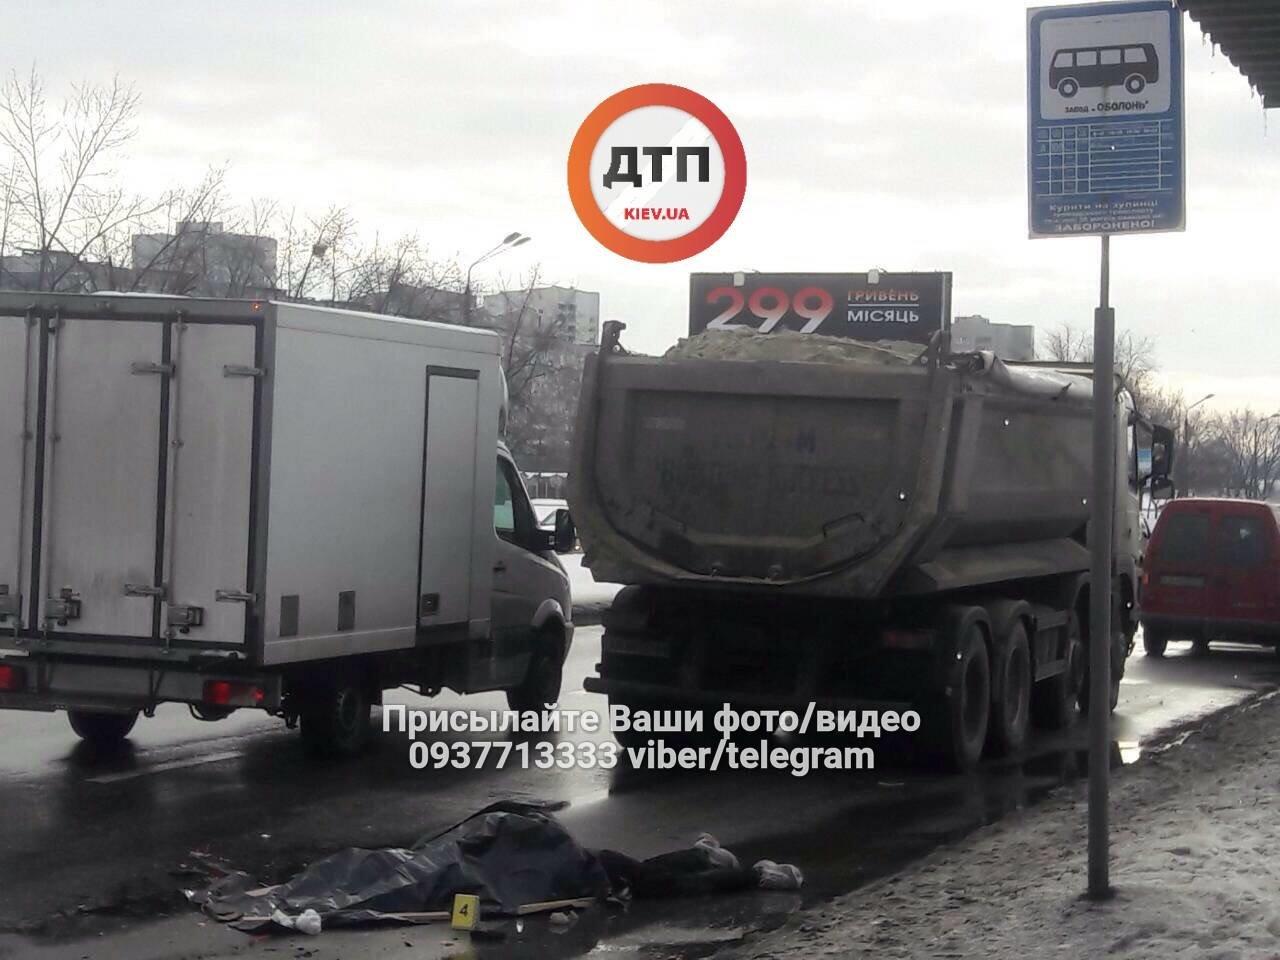 В Киеве водитель грузовика насмерть сбил пешехода (ФОТО), фото-1